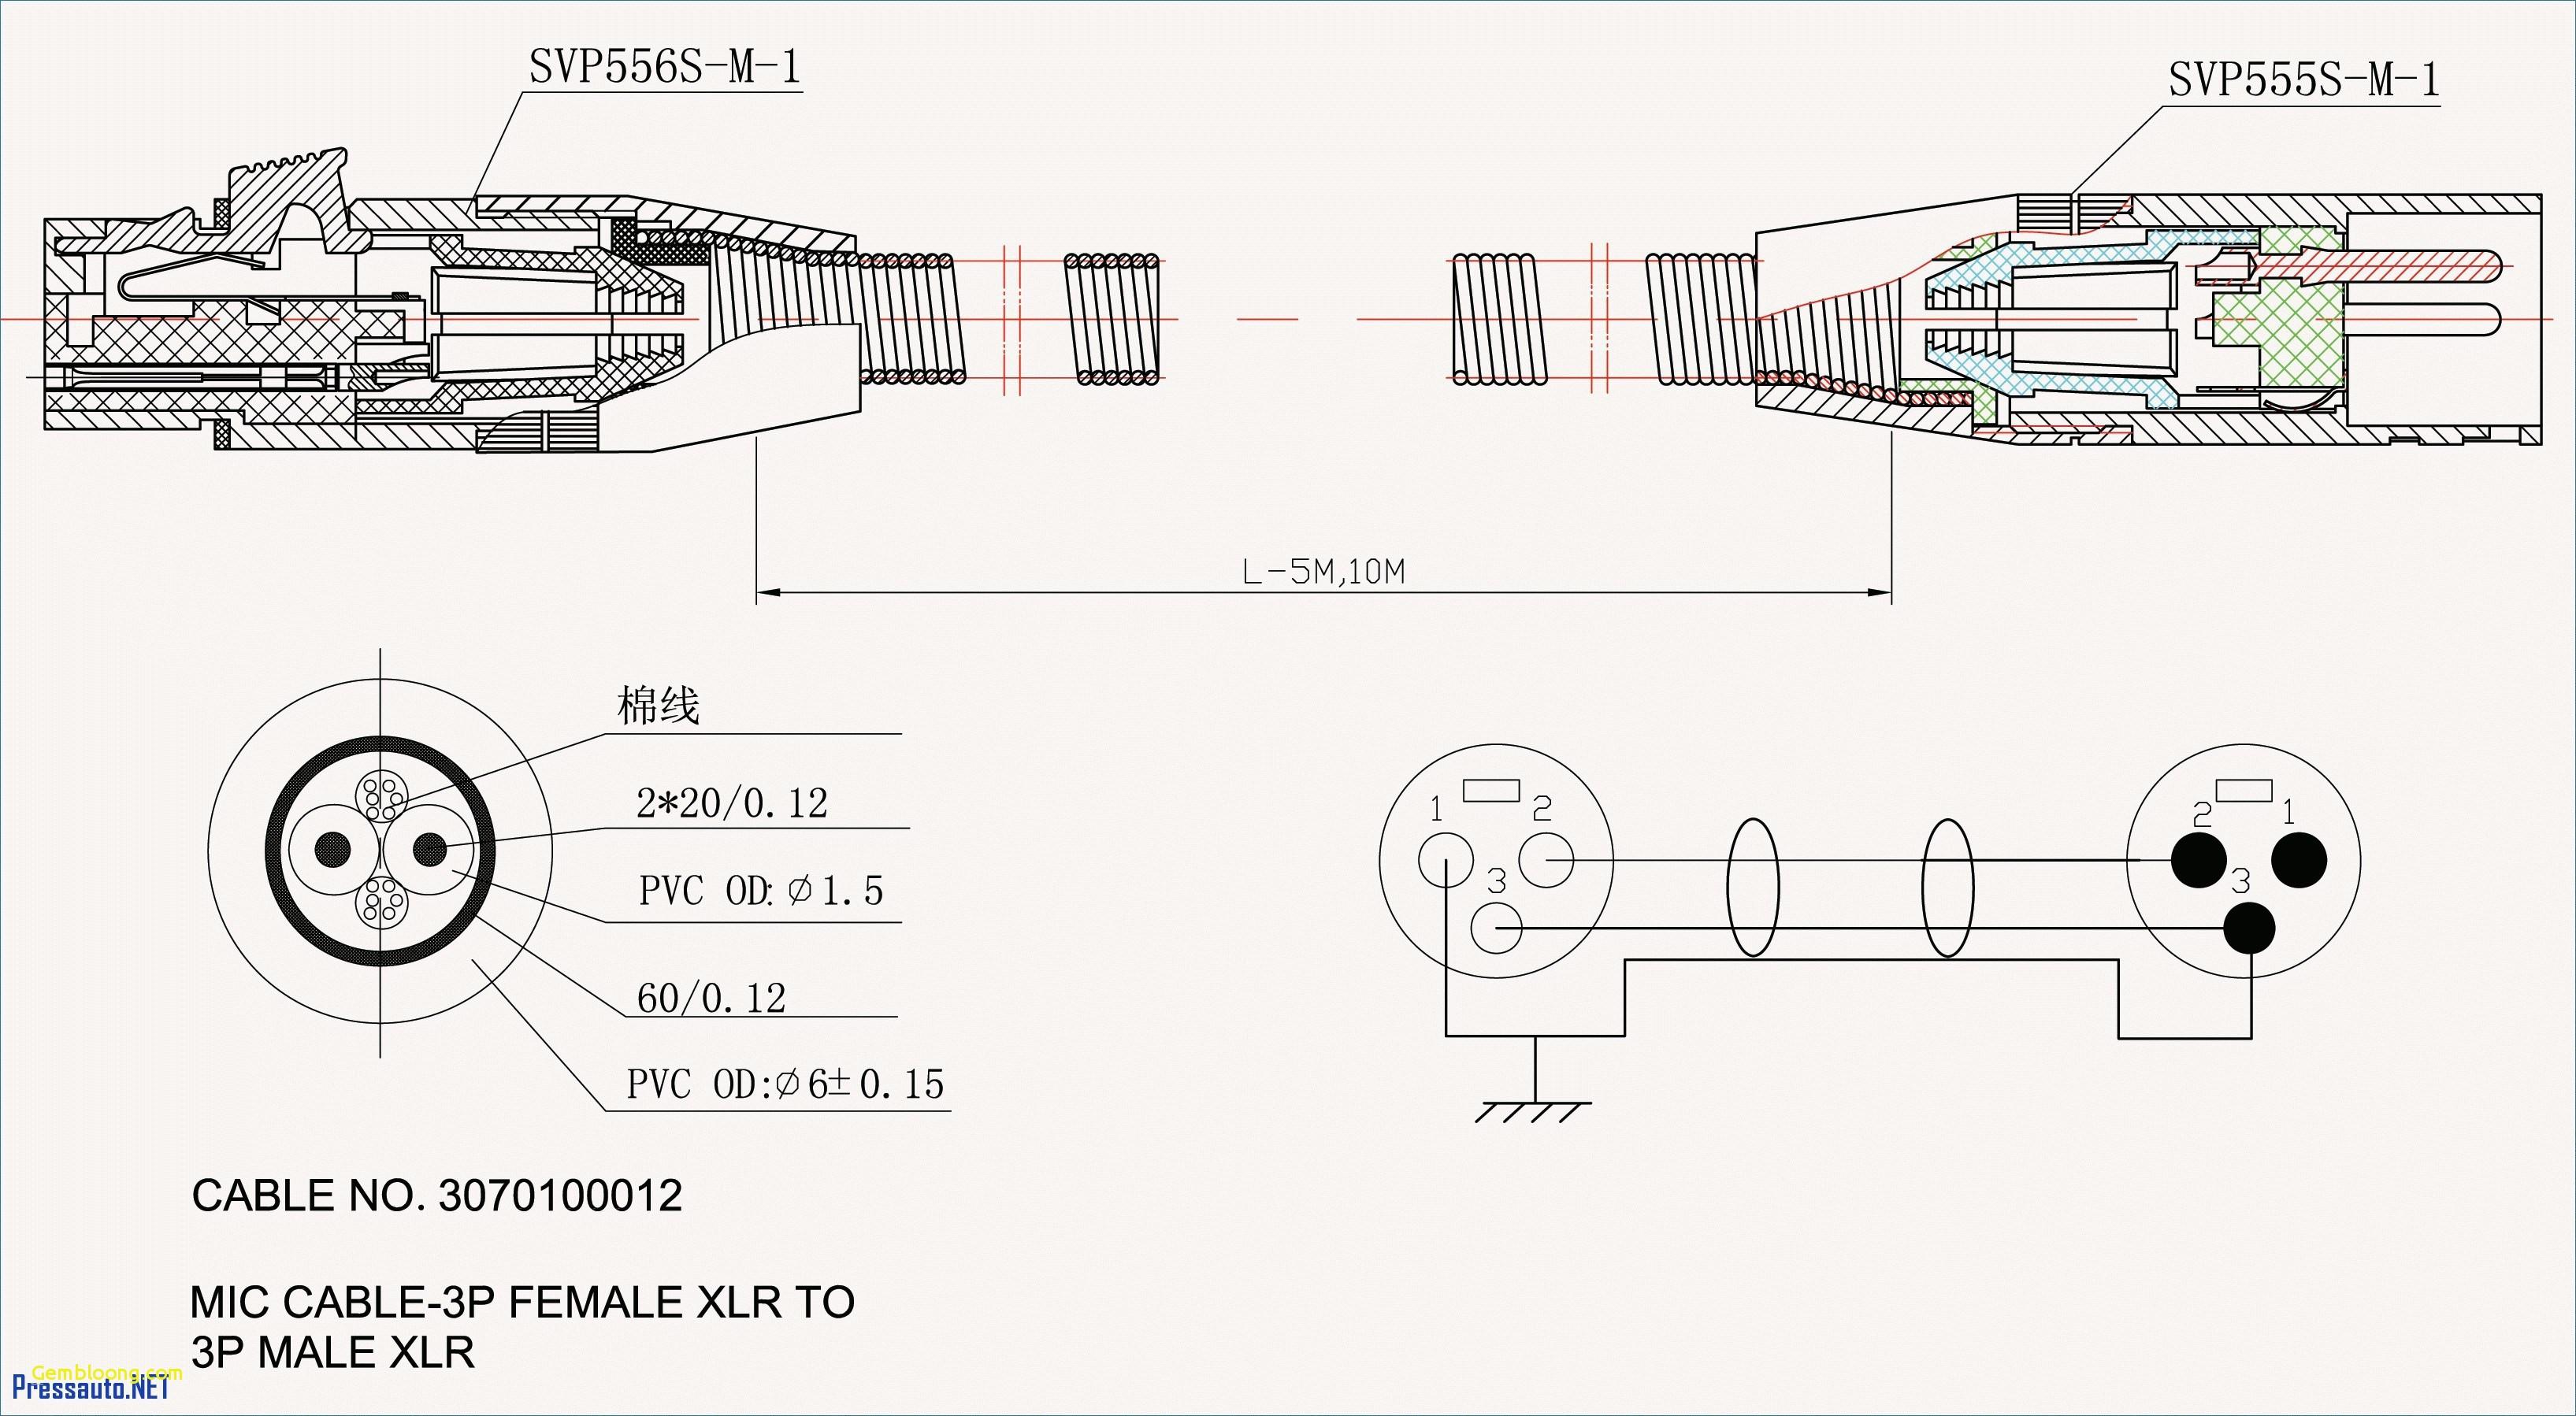 Bmw E36 Engine Diagram Bmw E36 Wiring Harness Diagram Wiring Diagram Datasource Of Bmw E36 Engine Diagram